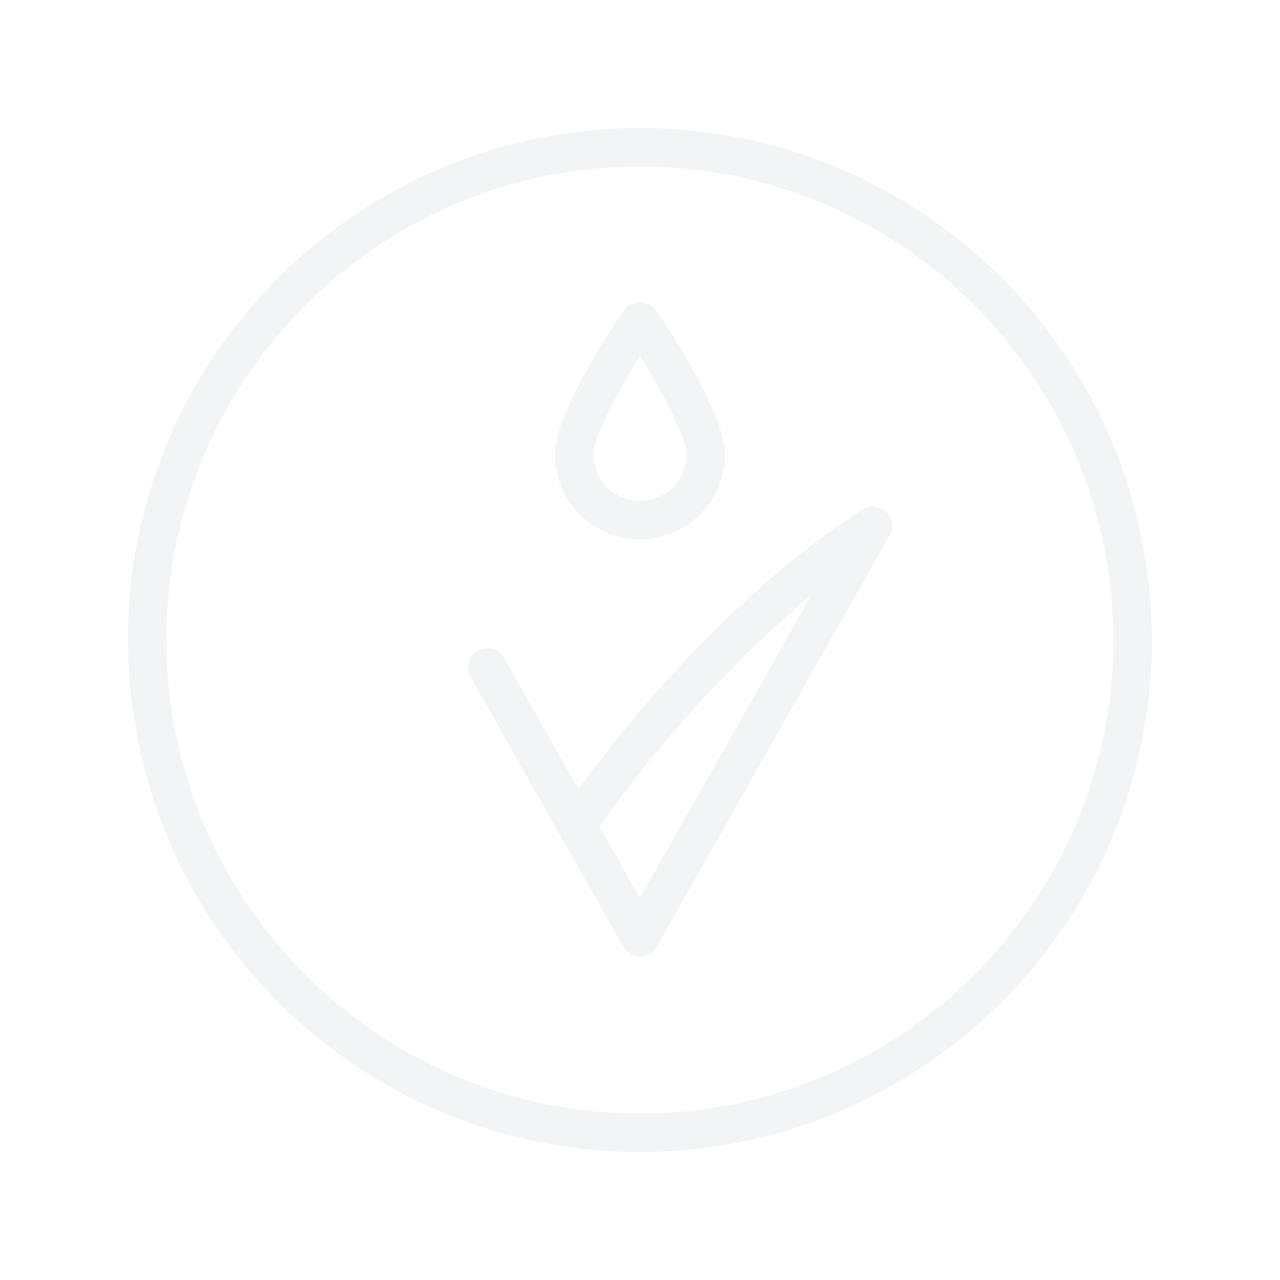 Macadamia Tervendav juukseõli